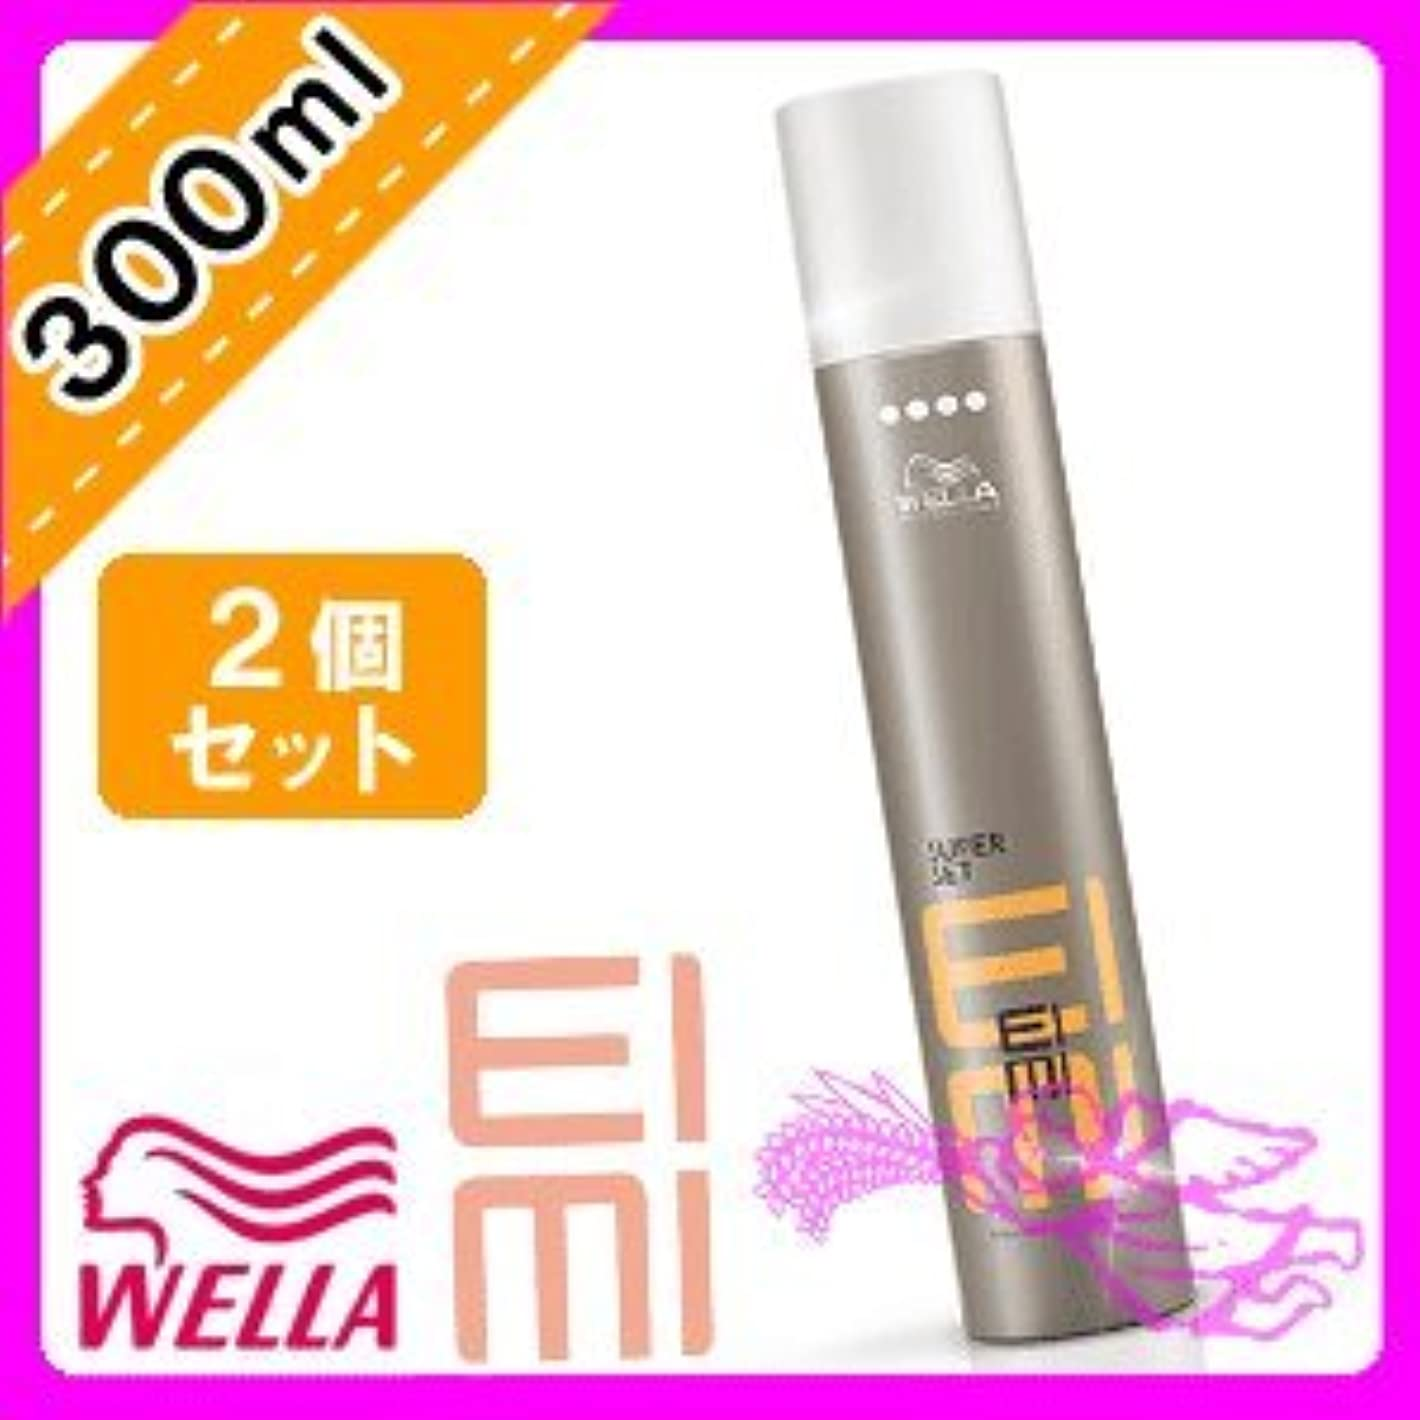 汗健康的巡礼者ウエラ EIMI(アイミィ) スーパーセットスプレー 300ml ×2個 セット WELLA P&G